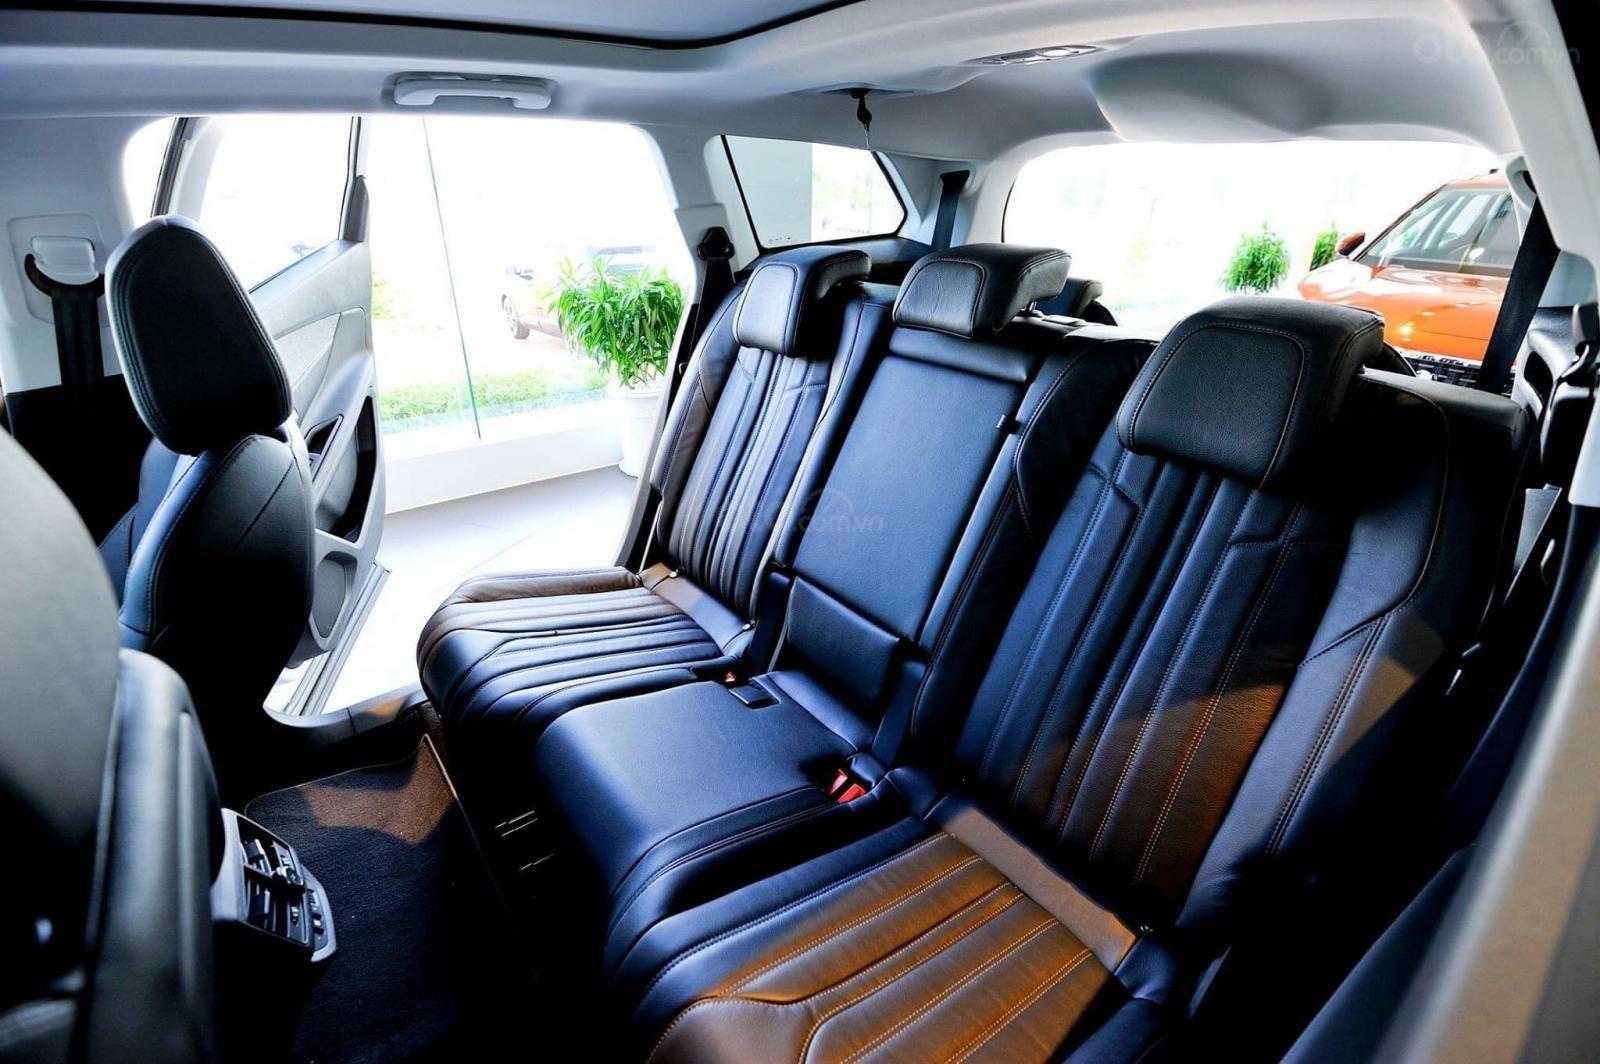 Peugeot Bình Dương bán 5008 2019 - giao xe ngay - ưu đãi tốt - 0938.901.869 (8)